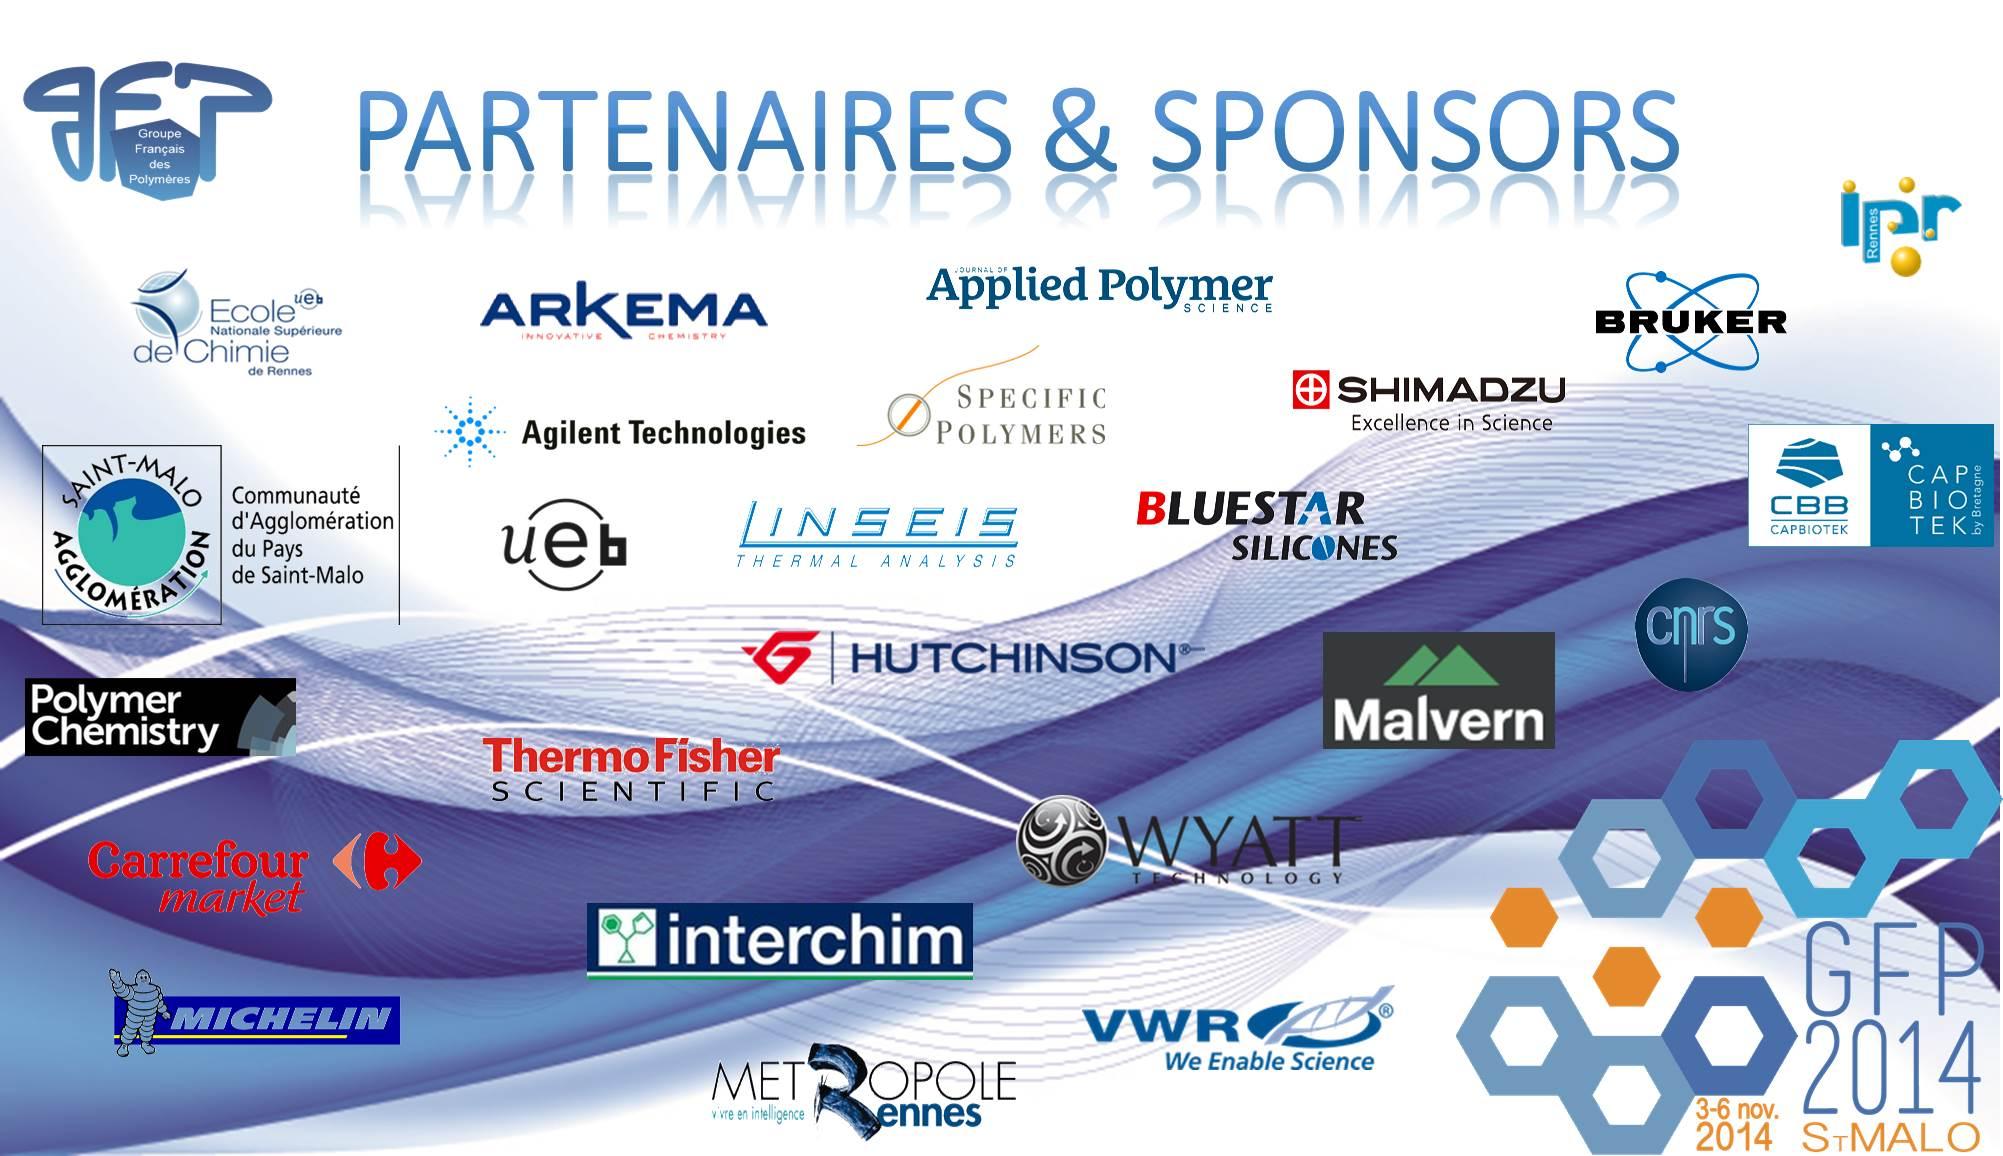 Groupe Fraincais des Polymeres 2014 - Saint Malo congress partners and sponsers